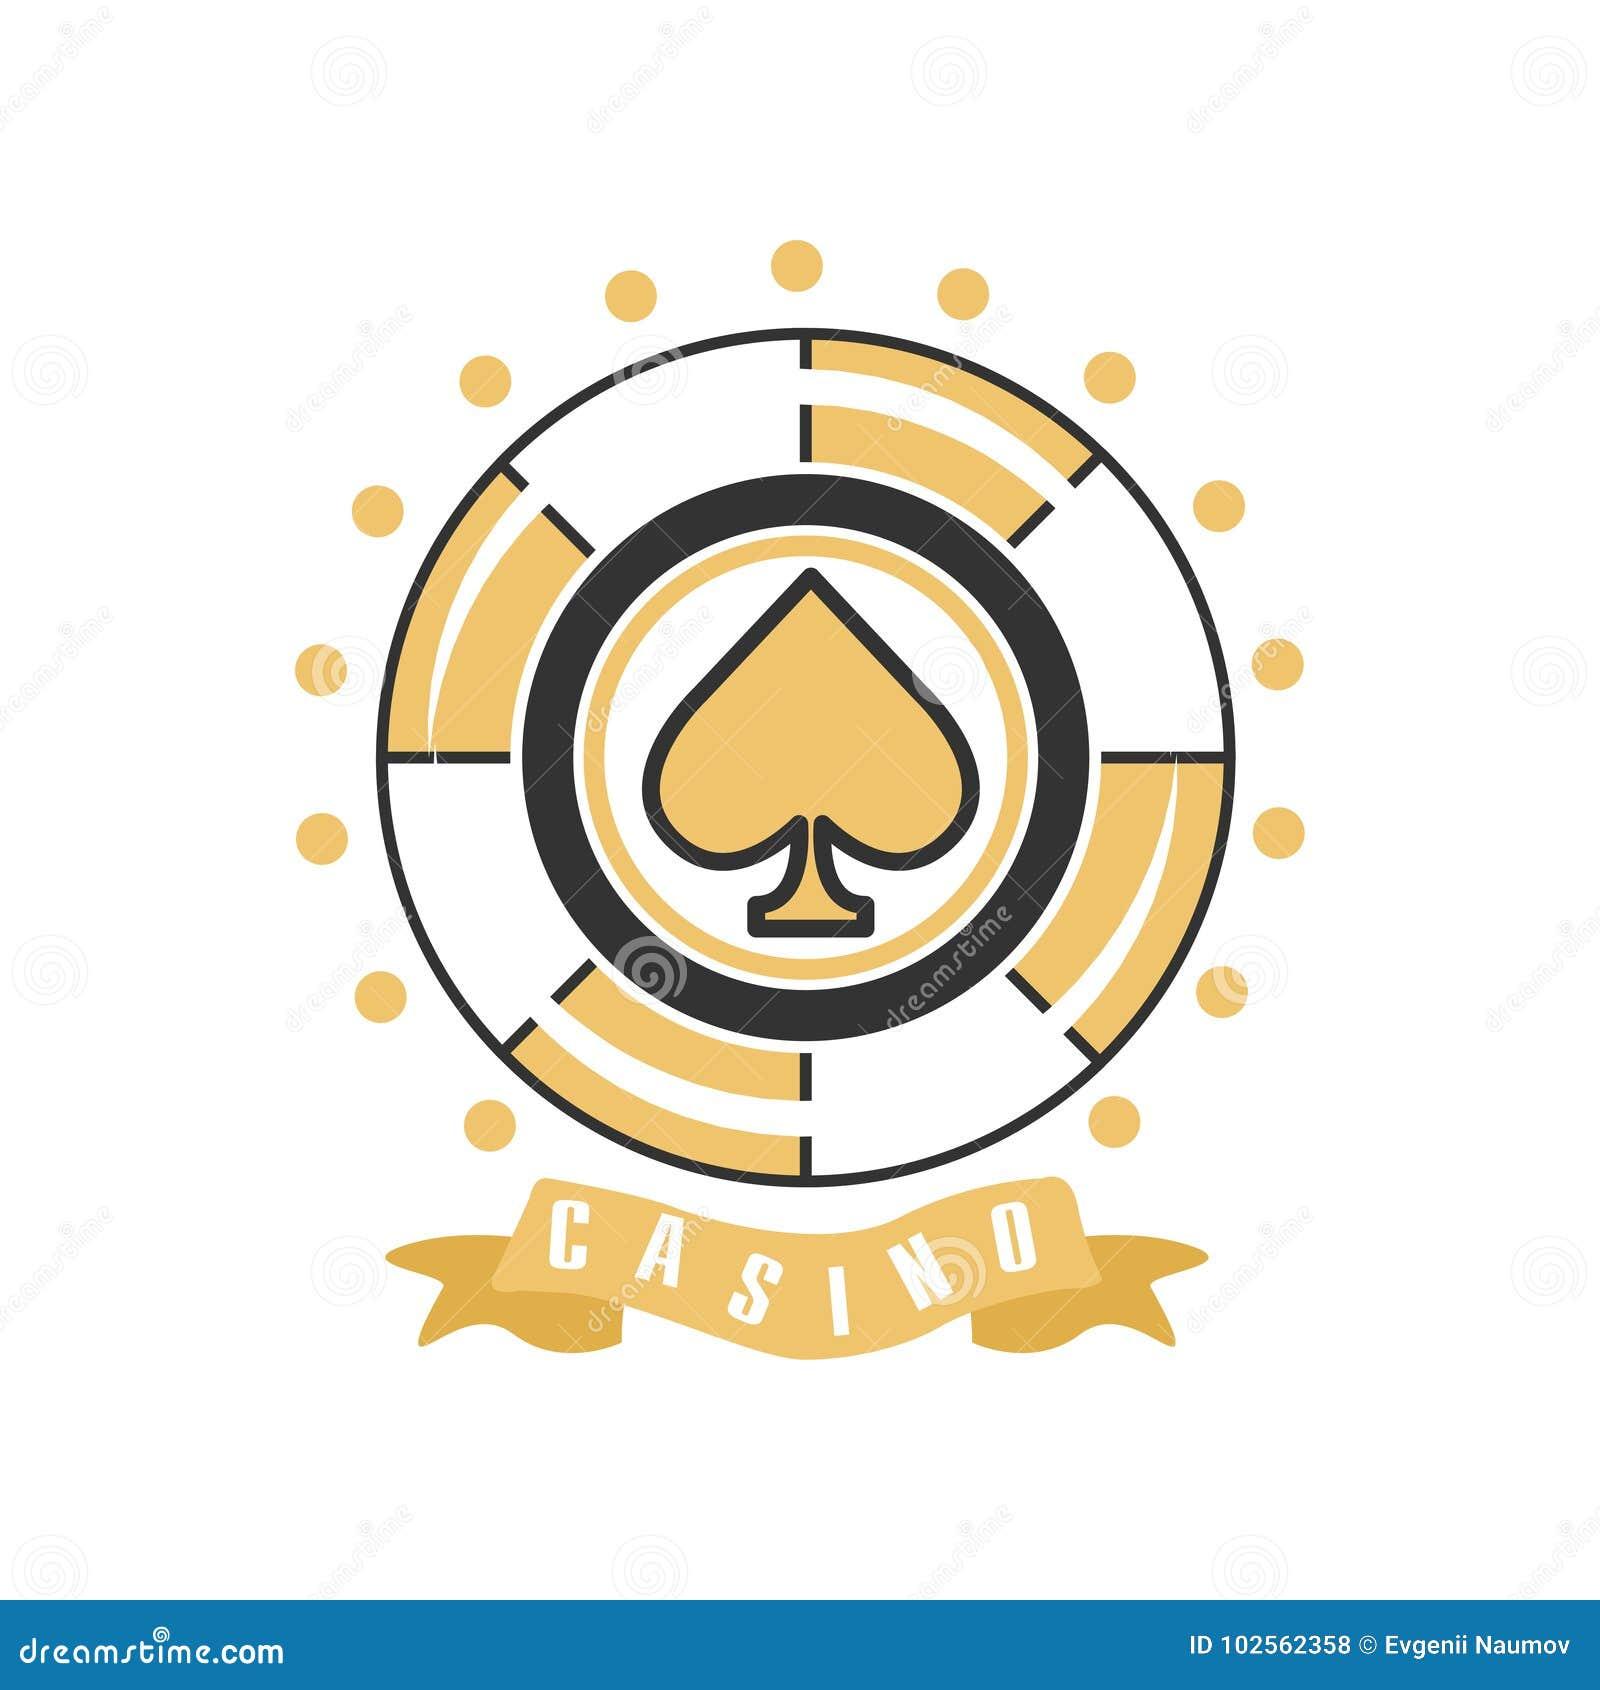 Казино логотипы вулкан старс казино удалить